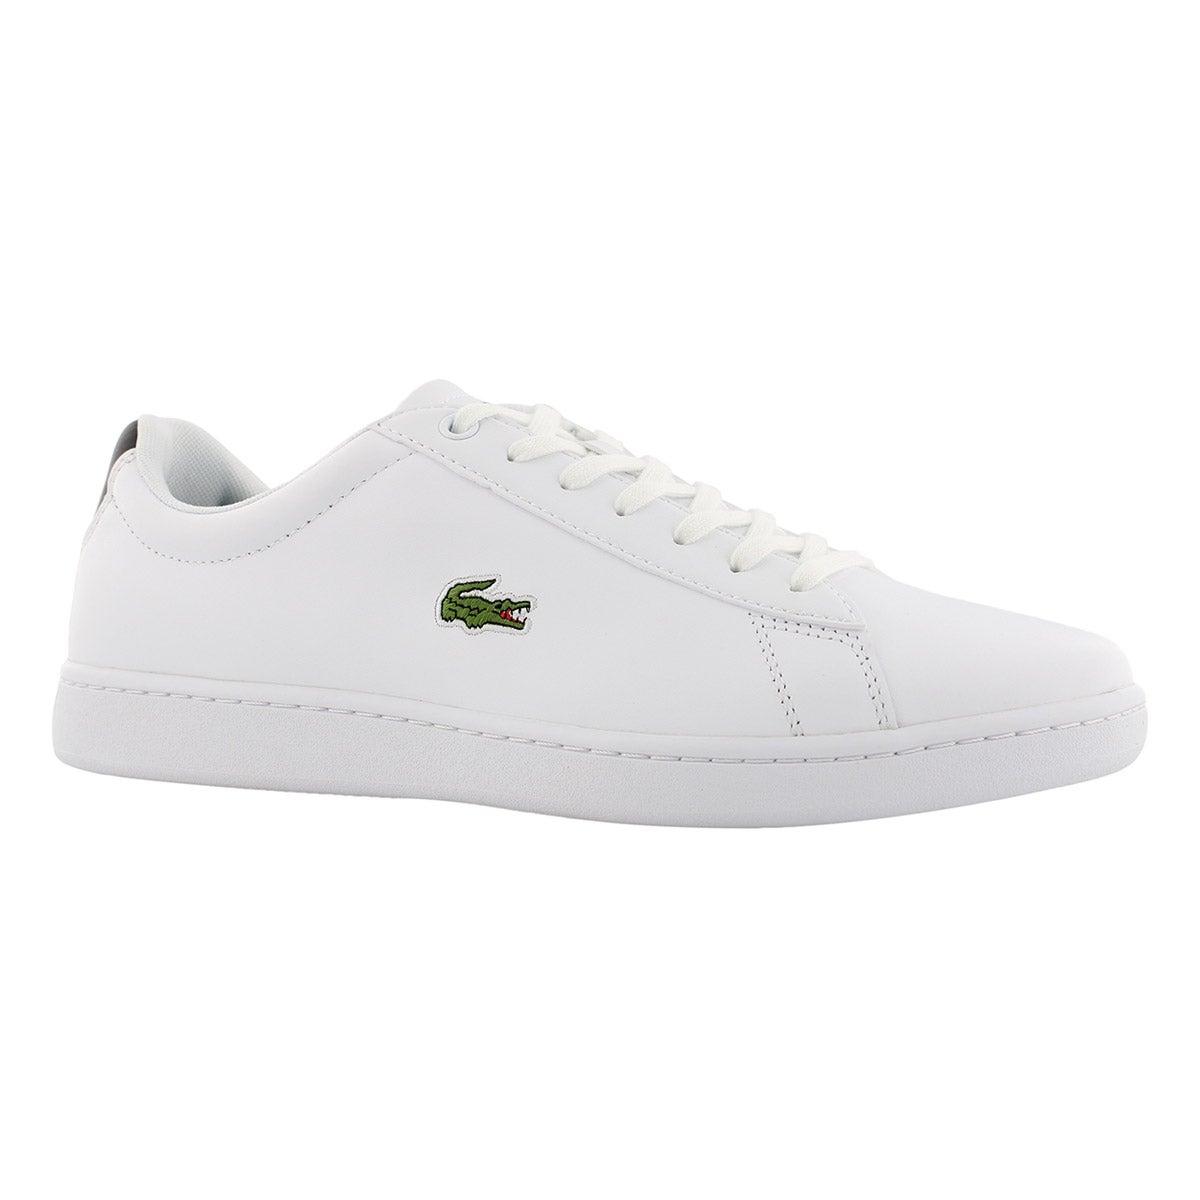 Men's HYDEZ 318 1 P white/black sneaker